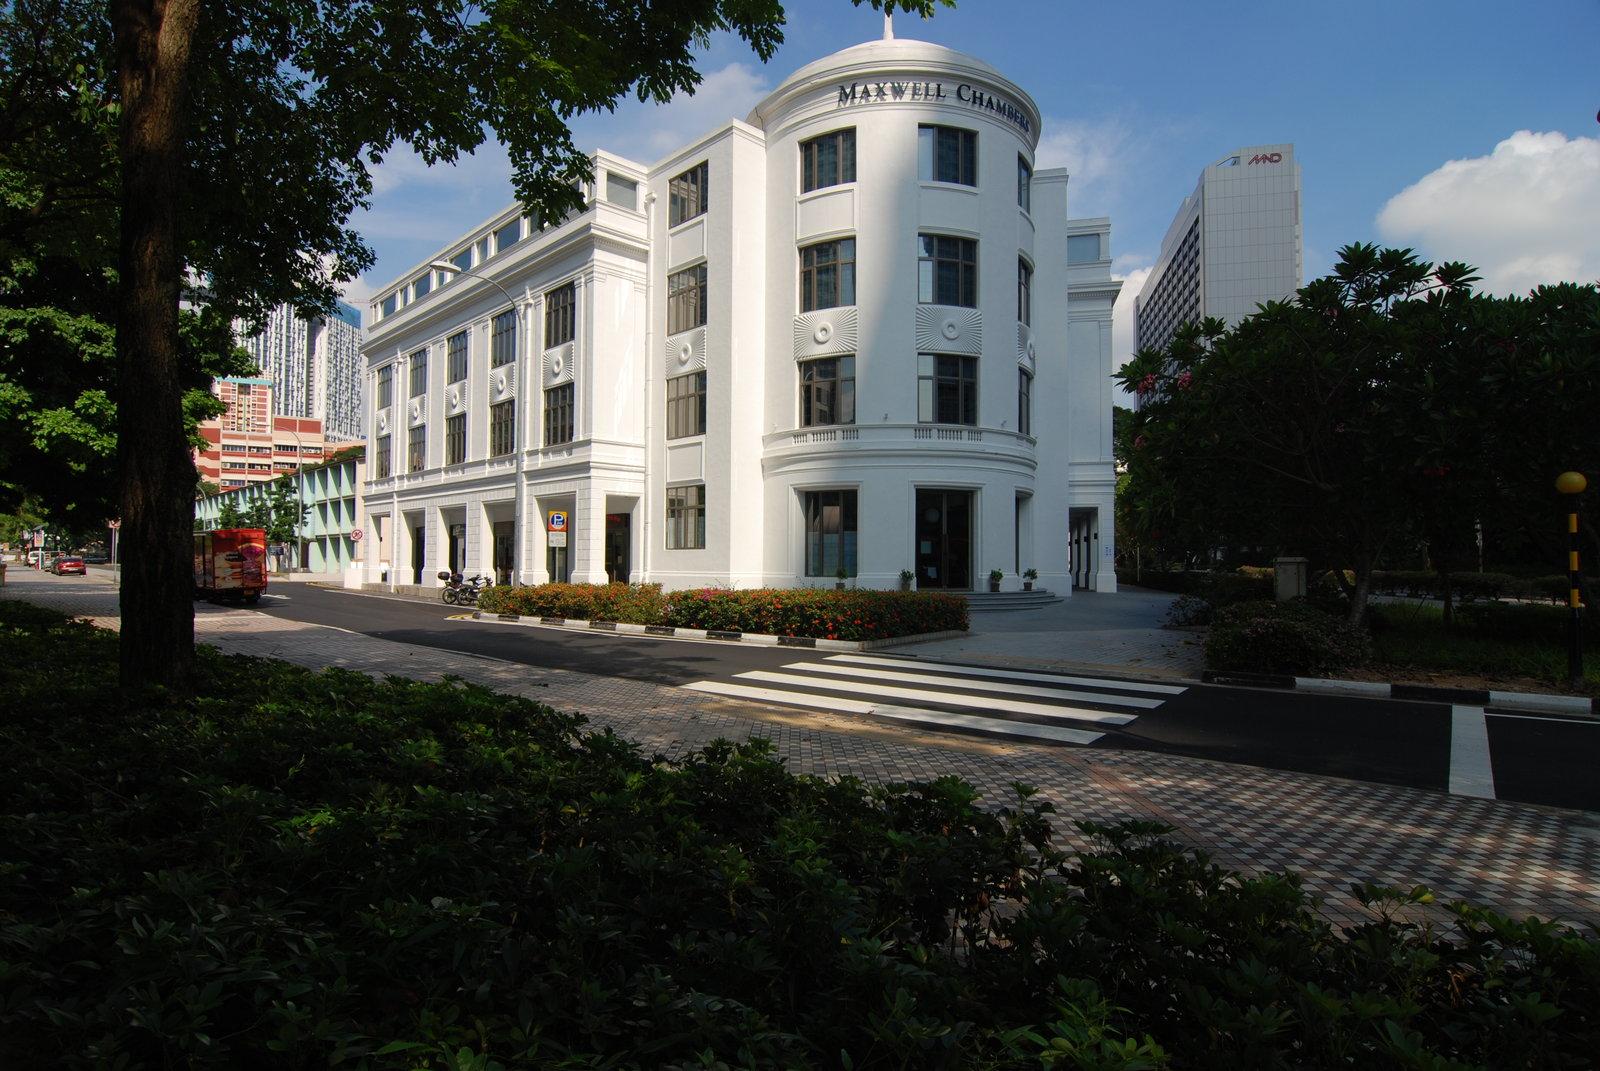 Tòa nhà Maxwell Chambers nơi chính phủ Singapore đầu tư rất nhiều trang thiết bị hiện đại phục vụ hoạt động của Trung tâm trọng tài quốc tế Singapore